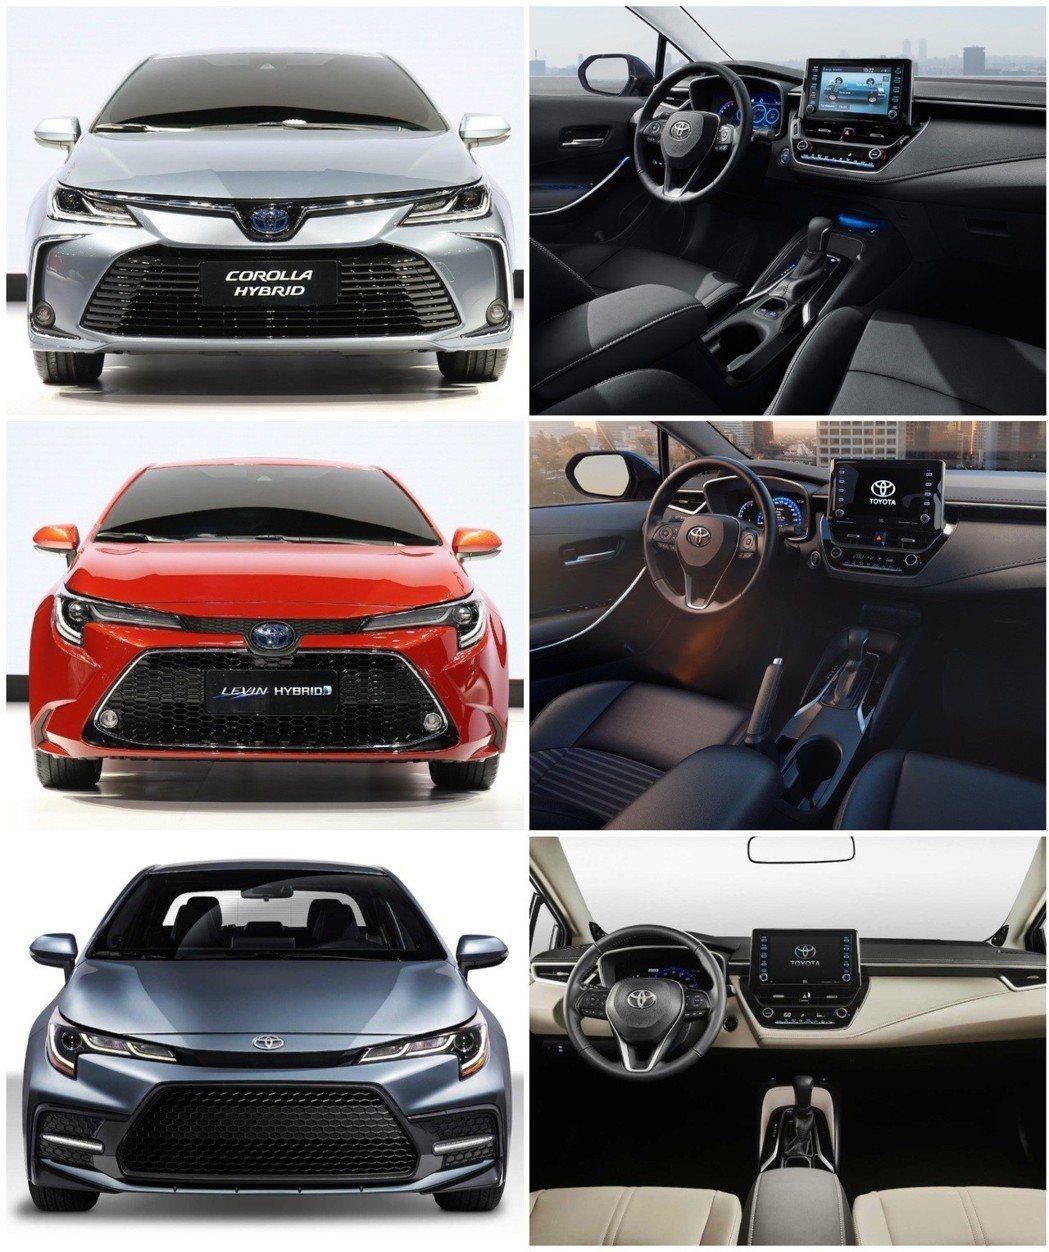 中國與美規版共有三種外觀與內裝設計,由上至下分別為一汽豐田卡羅拉雙擎(Prest...